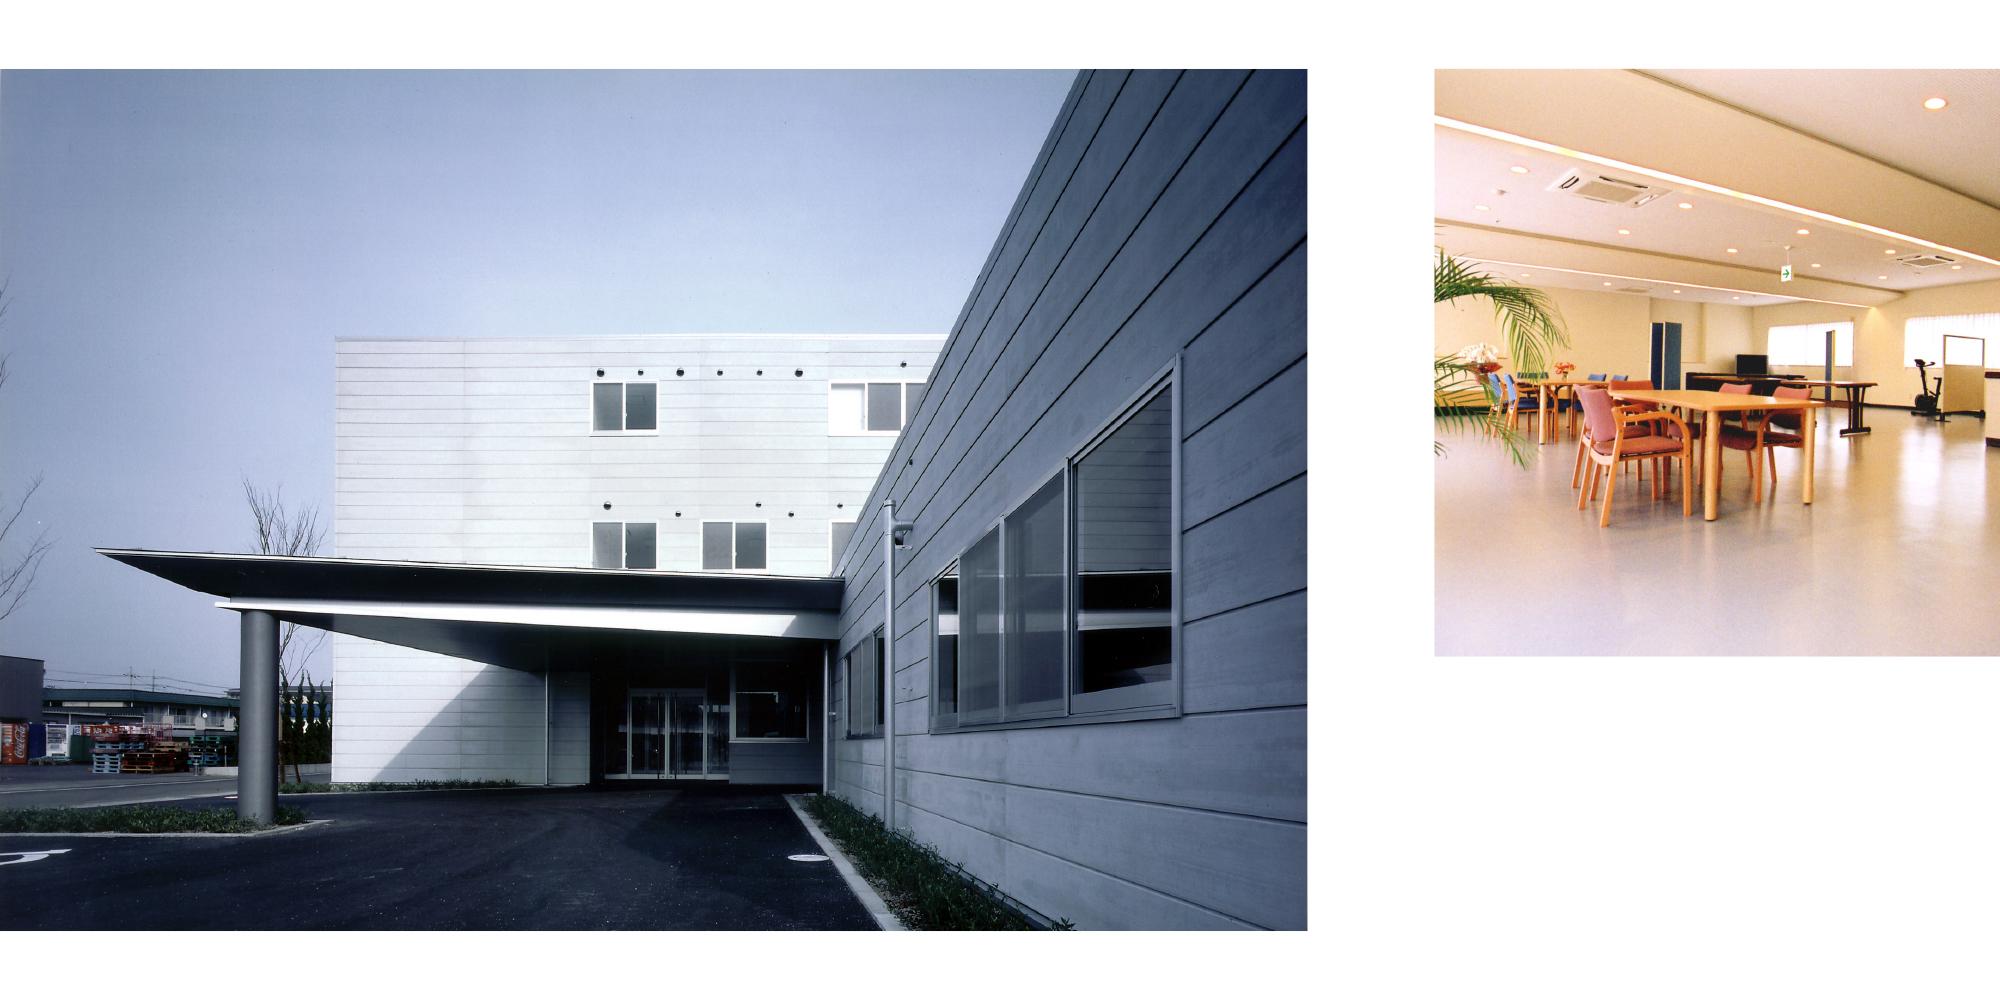 佐藤建築事務所「住宅型有料老人ホーム シーザル」